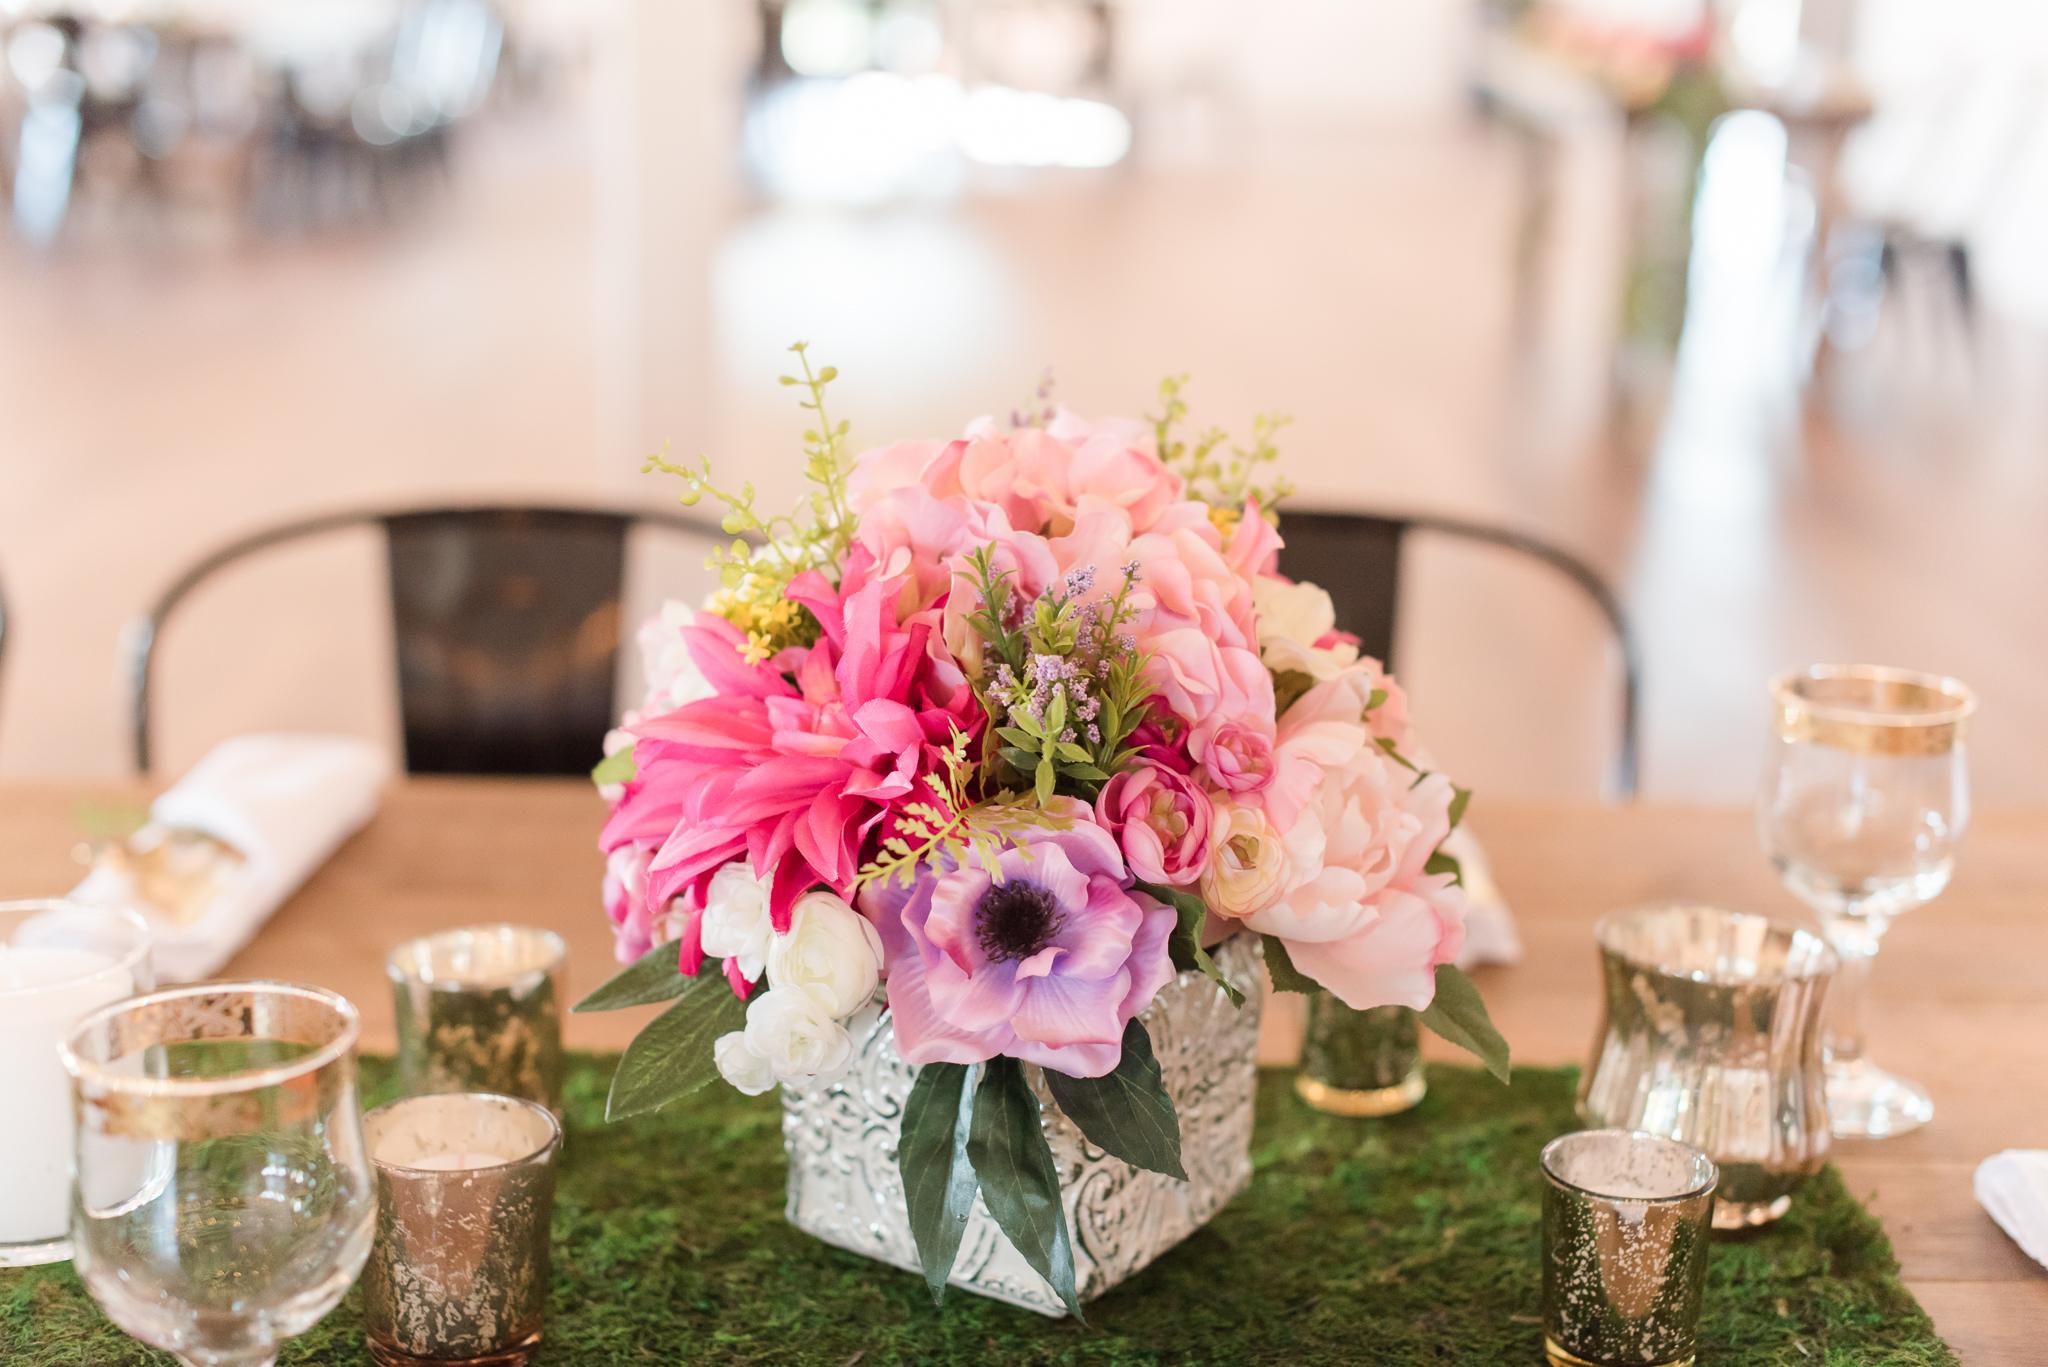 Wedding Reception at Bash in Carmel Indiana7406.jpg